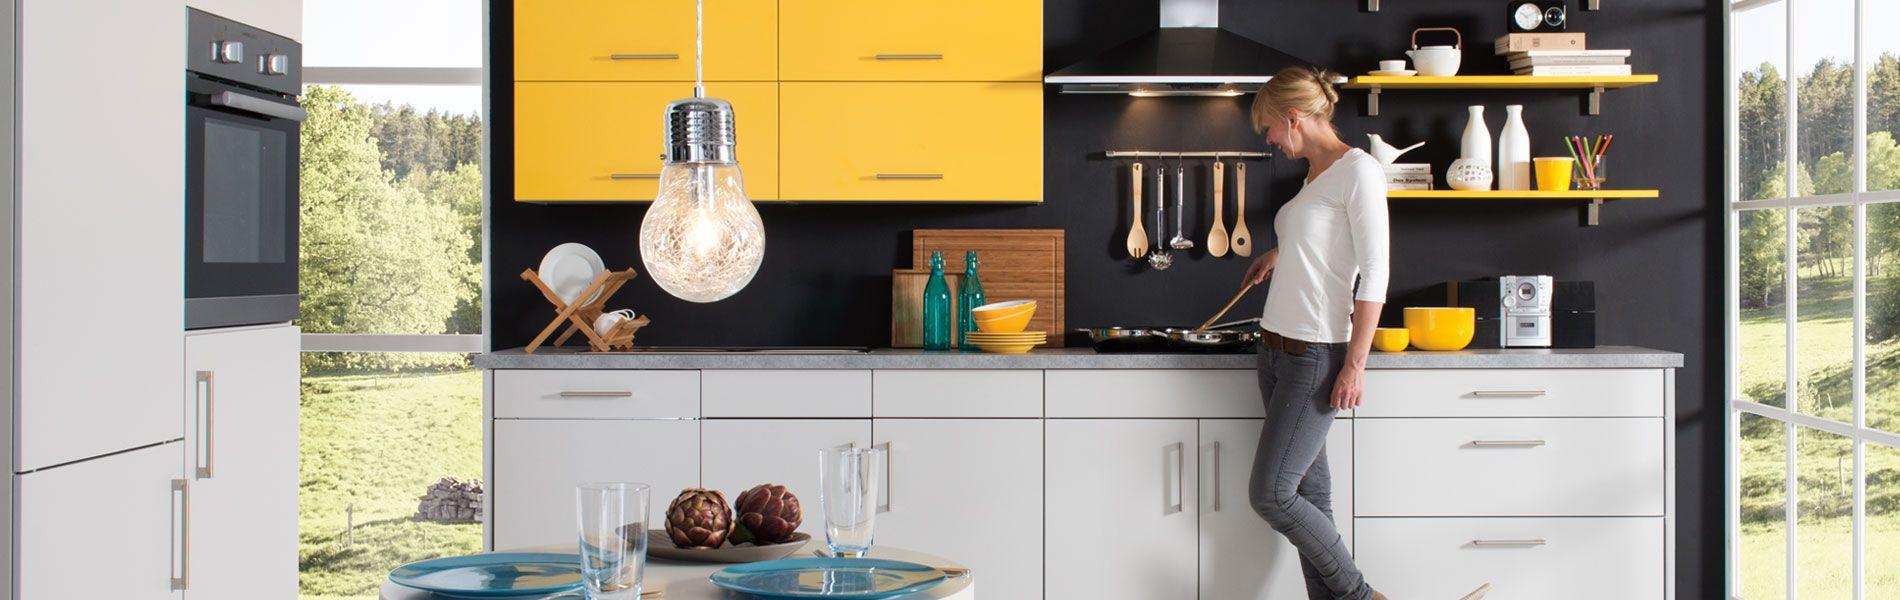 höffner küchen - google keresés | kitchen3 | pinterest | suche - Küche Höffner Erfahrung